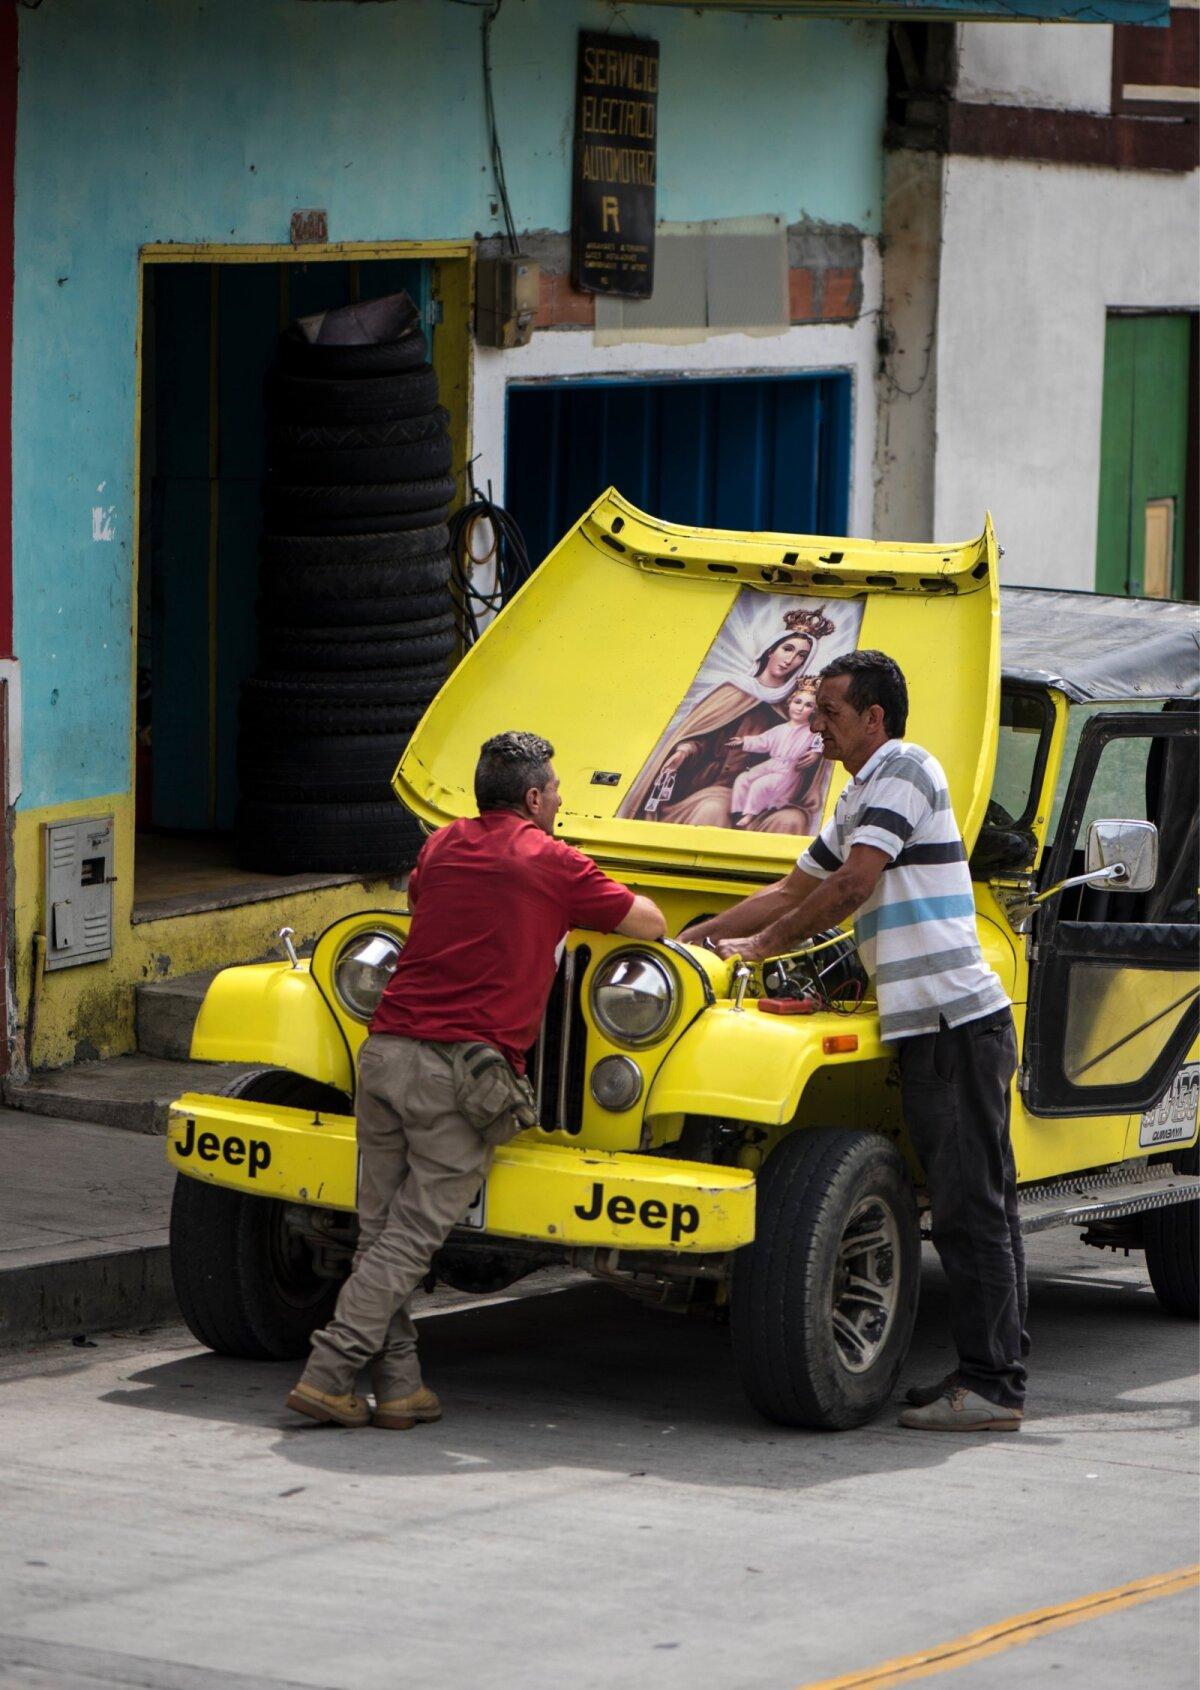 Transport mägikülade vahel käib vaprate autodega, mis juhi palvetele vaatamata vahel siiski järskudele nõlvadele alla annavad ja putitamist vajavad. Reisijate jaoks on sellisel hetkel alati läheduses mõni kohvik.